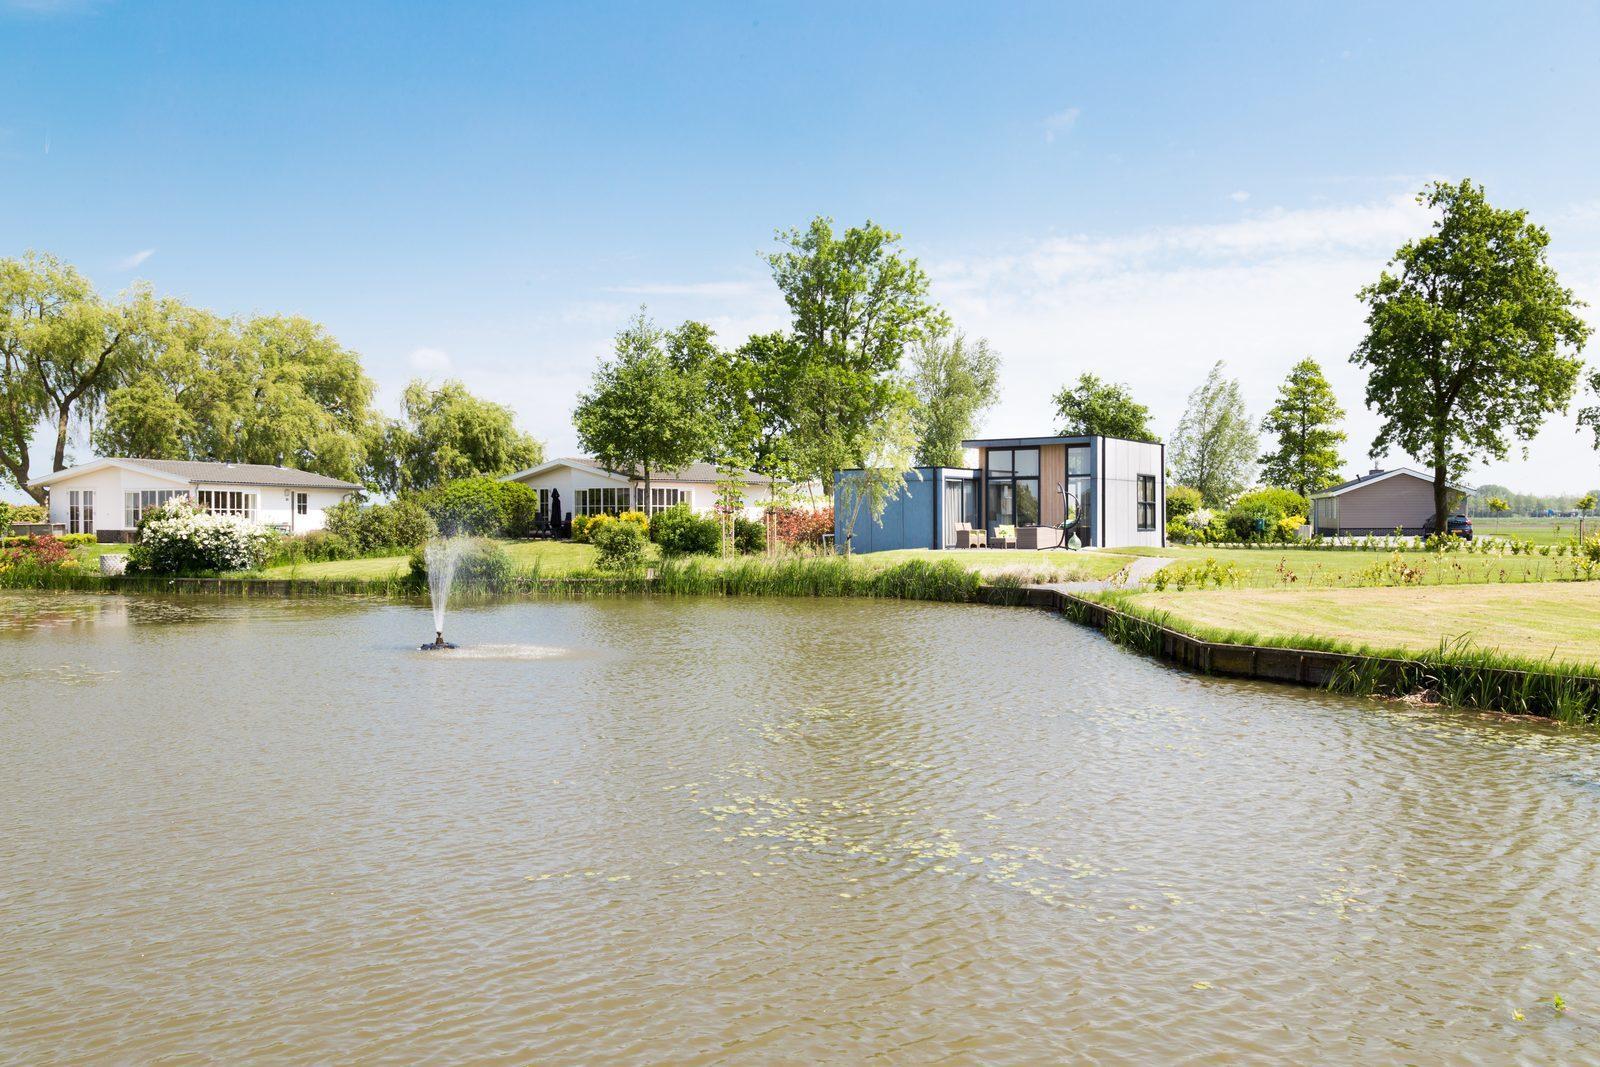 18 t/m 20 mei | Open dagen aan het water bij Hoorn (Markermeer)